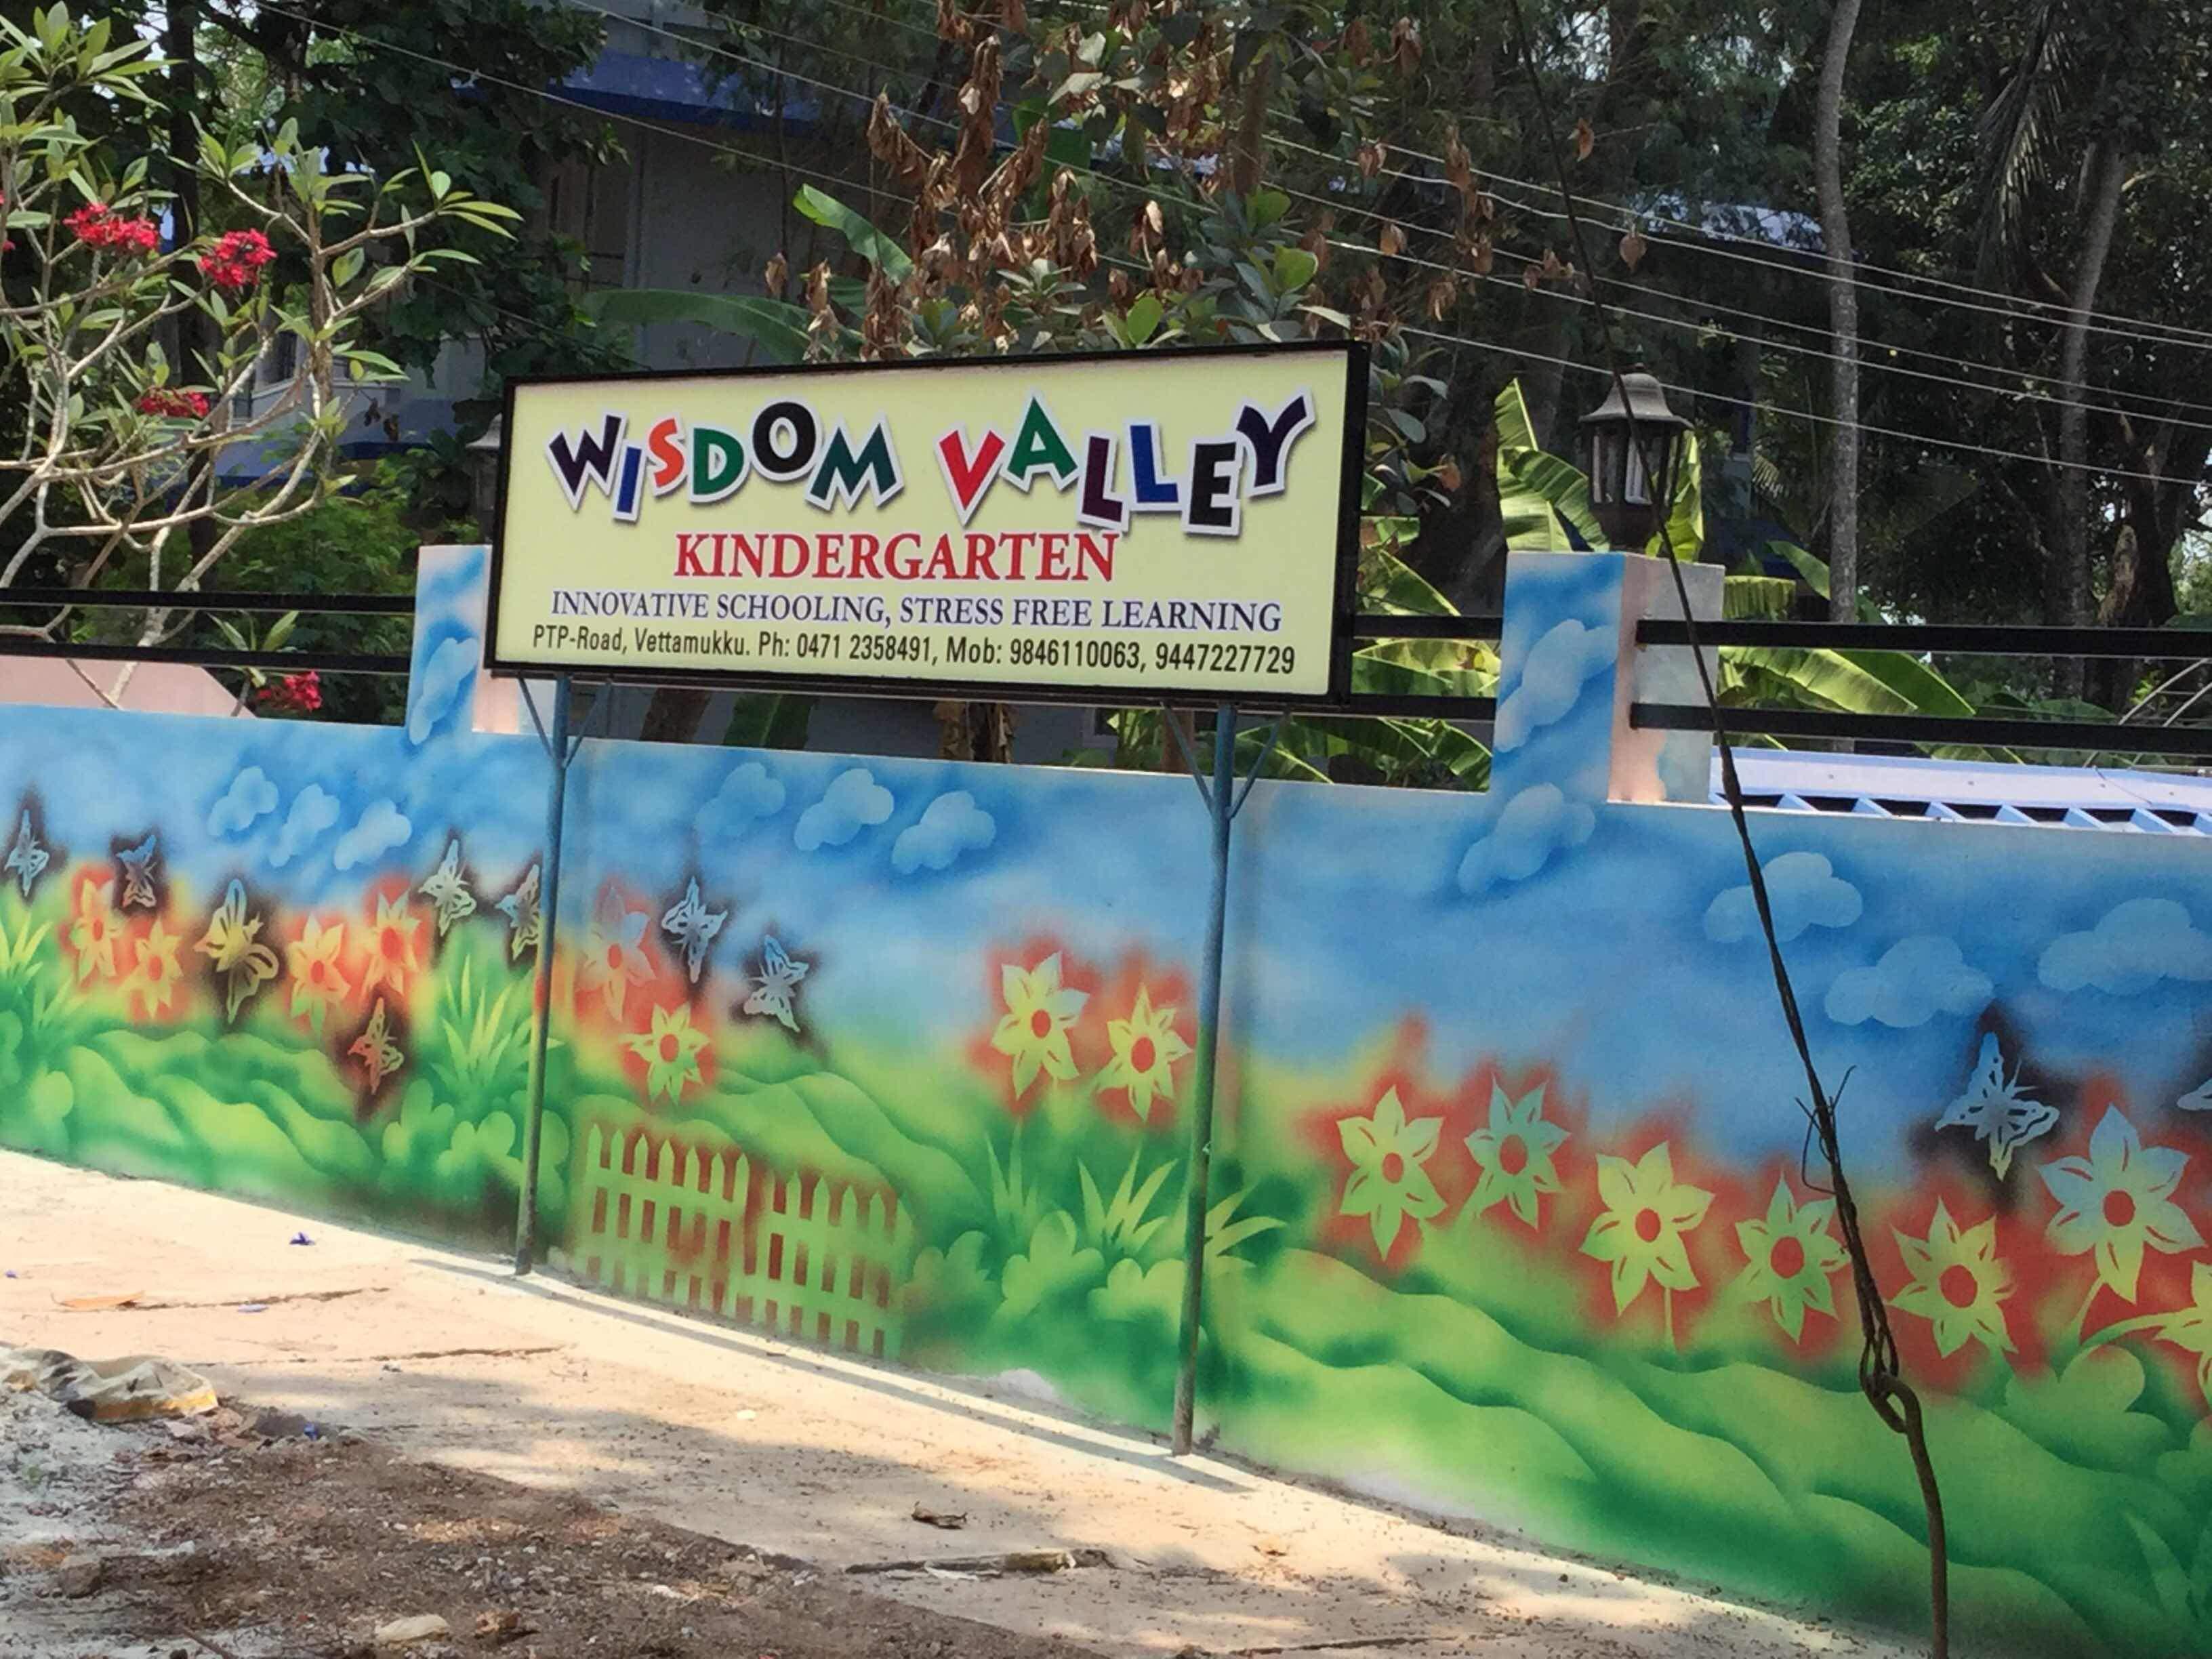 Wisdom Valley Kindergarten - Trivandrum Image